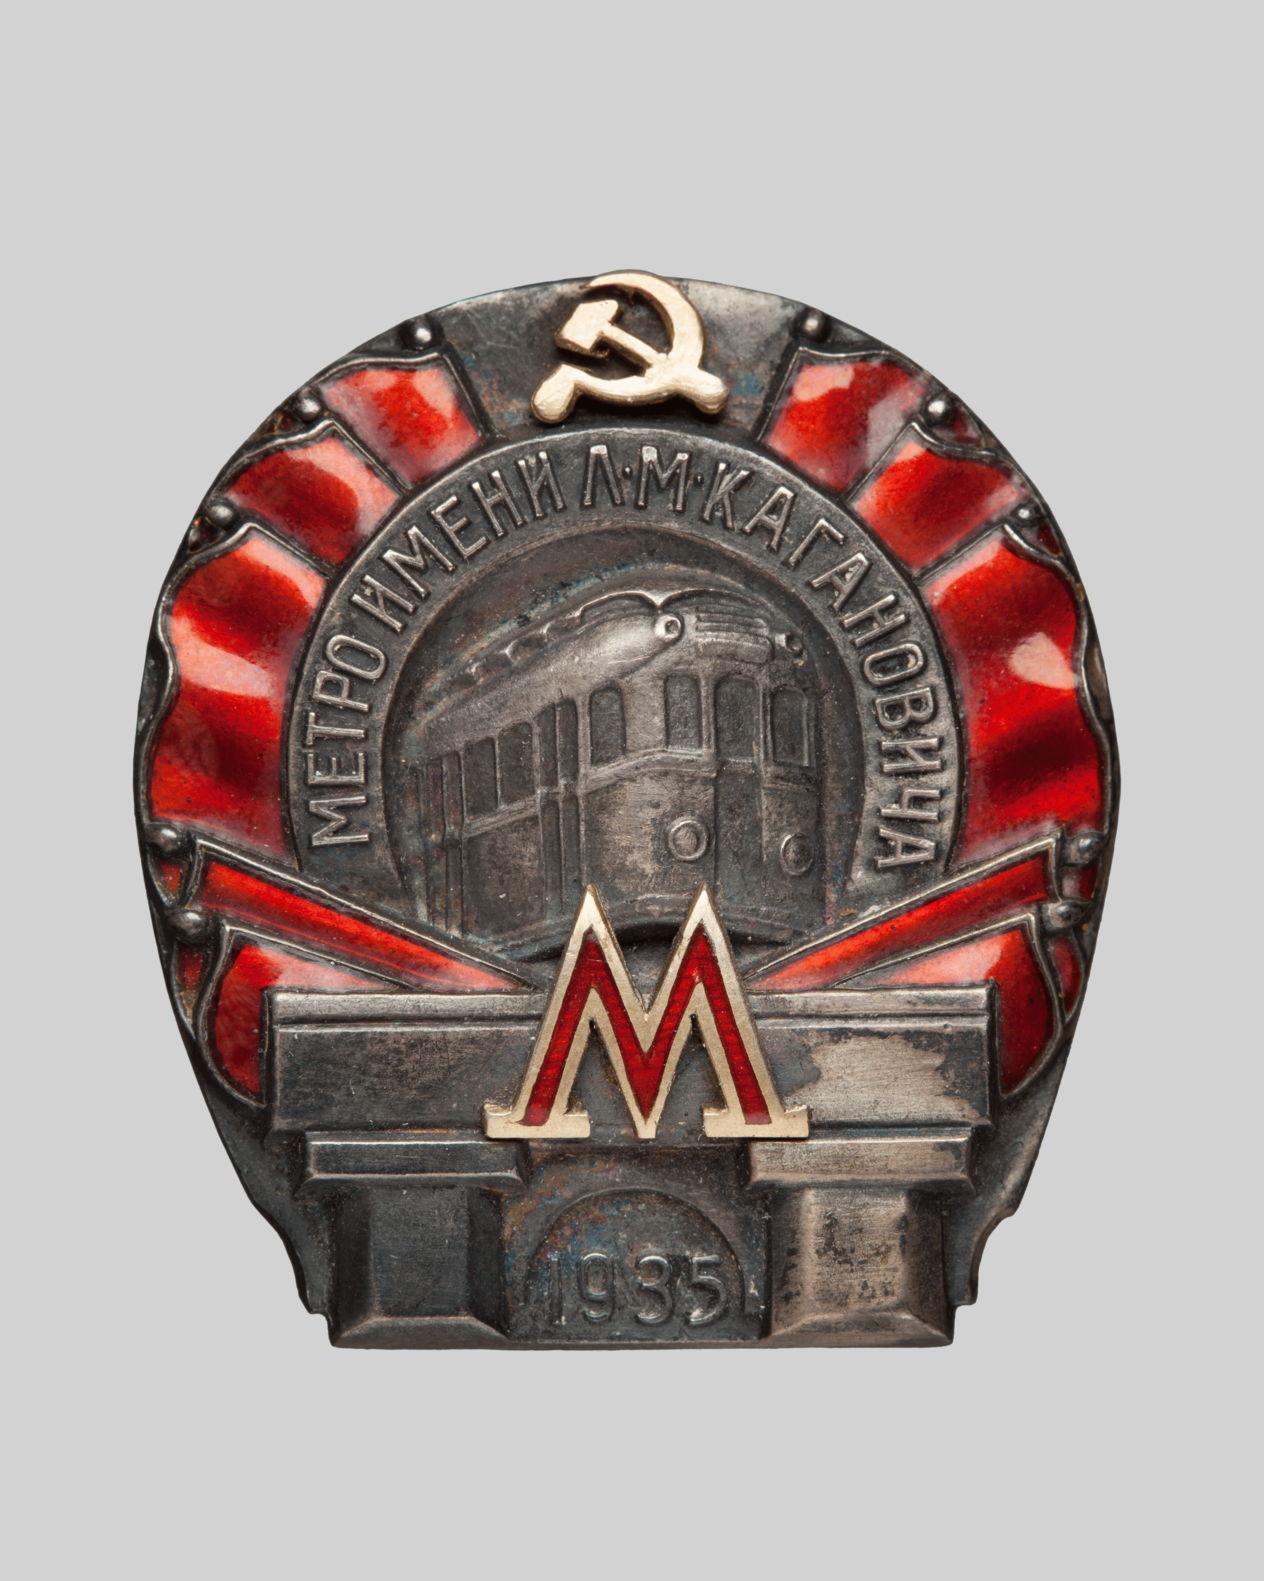 Нагрудный знак « Метро им. Л.М.Кагановича 1935». СССР. Не позднее 1935 г.